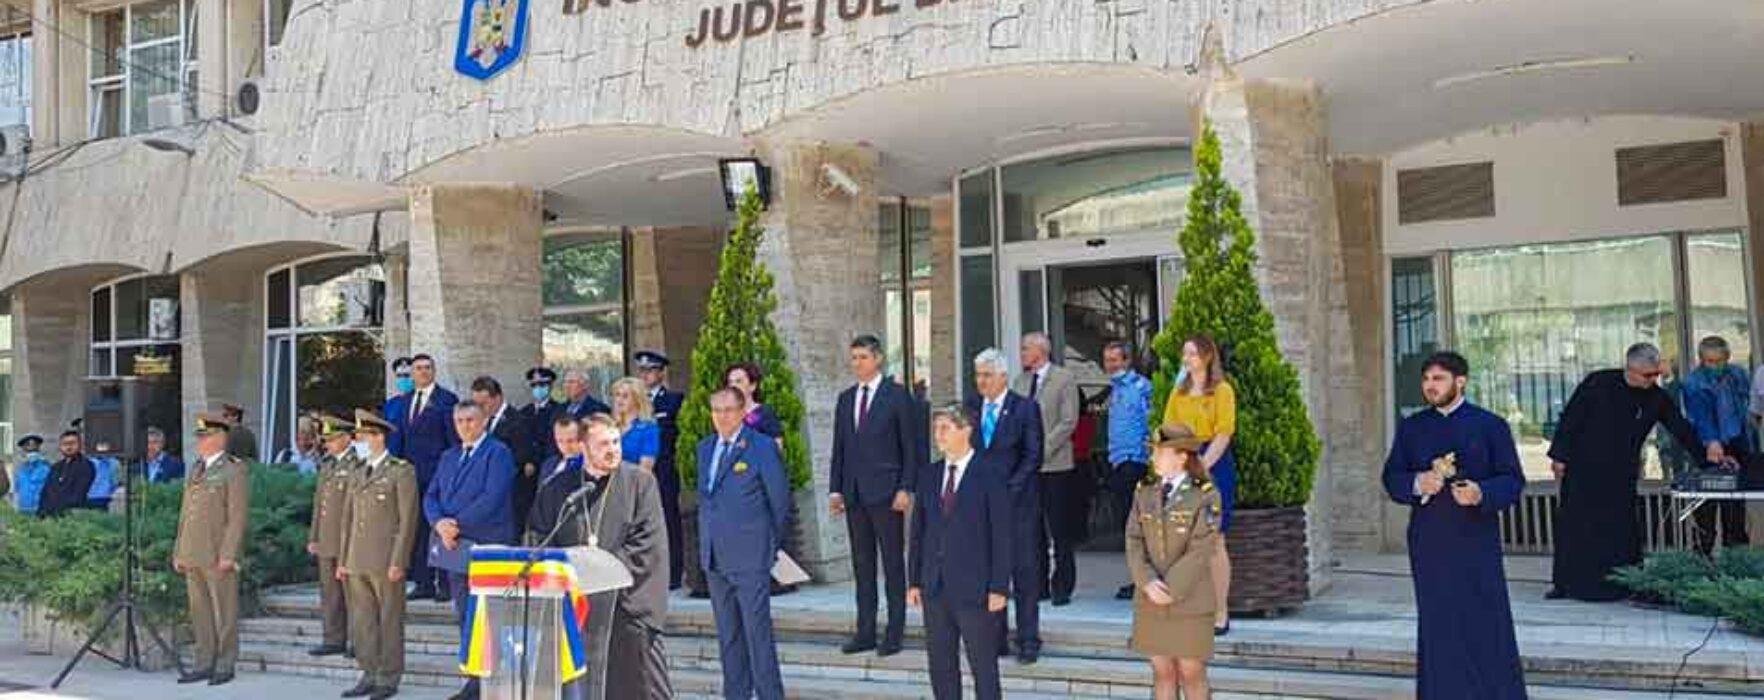 Vicar eparhial Ionuţ Ghibanu: De ce nu mai sărbătorim Ziua Imnului Național?